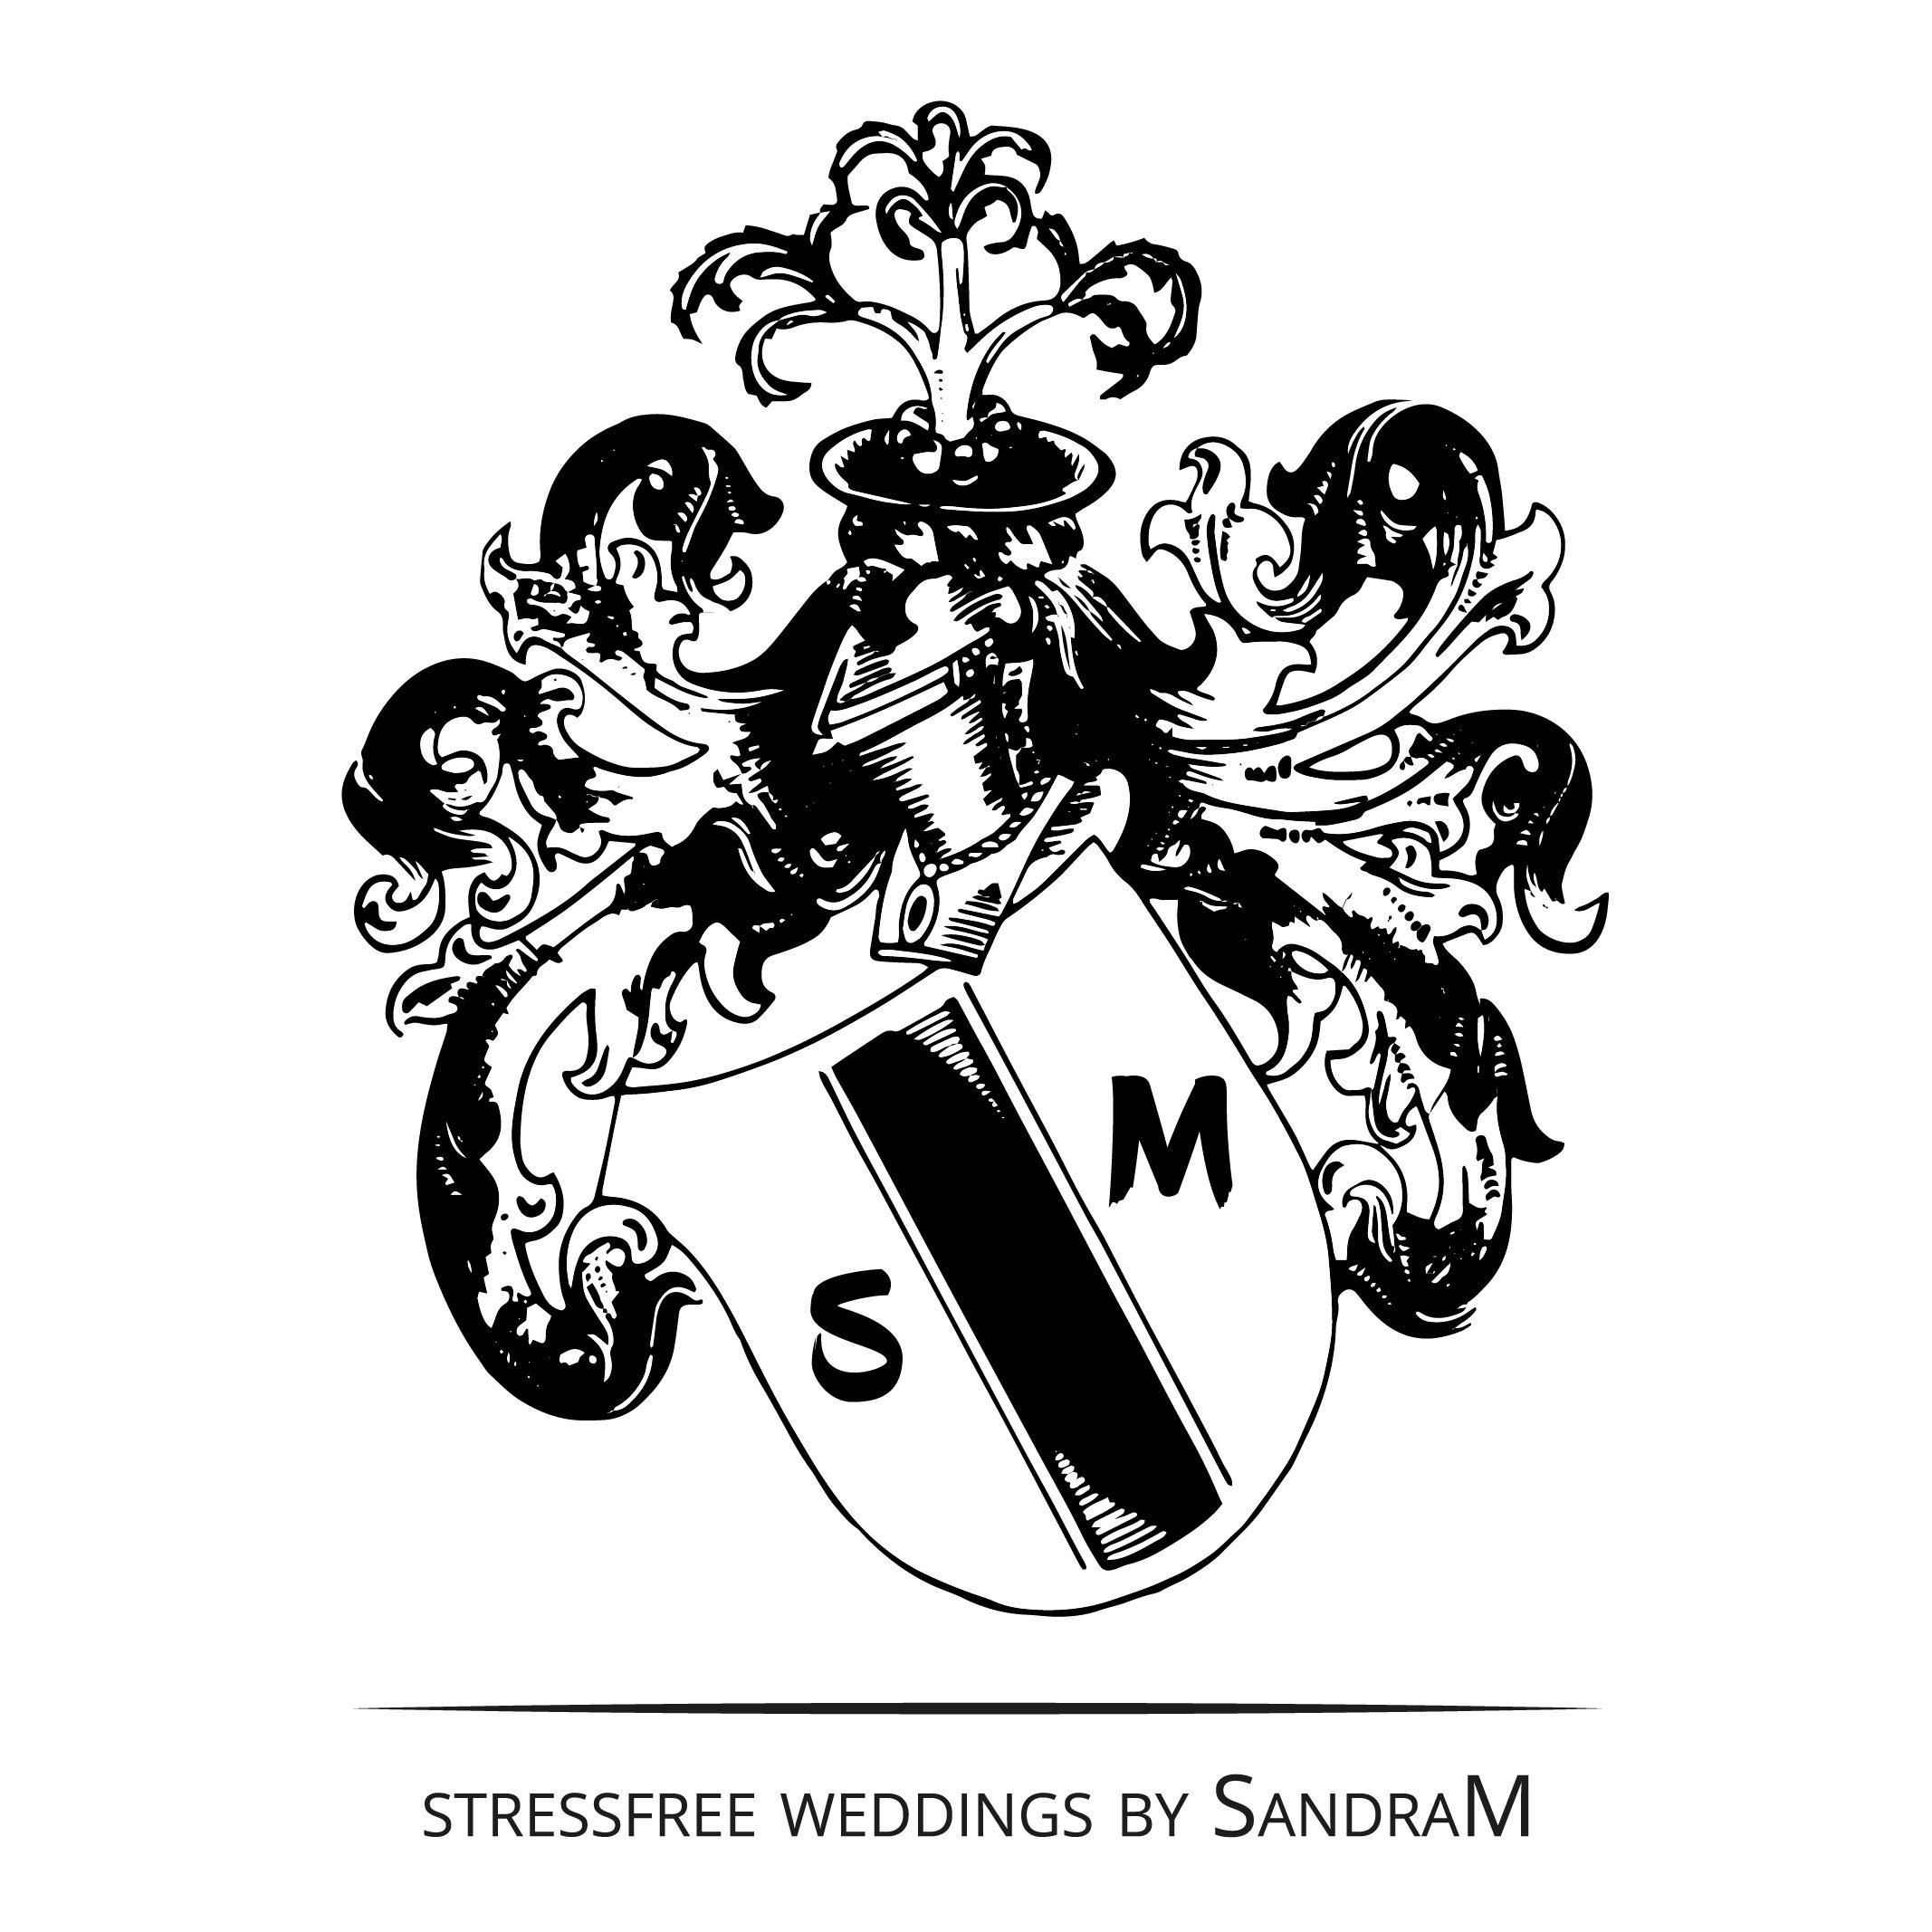 Logo SandraM_stressfreeweddings_final_quadrat 512 x 512 px_Zeichenfläche 1_Zeichenfläche 1